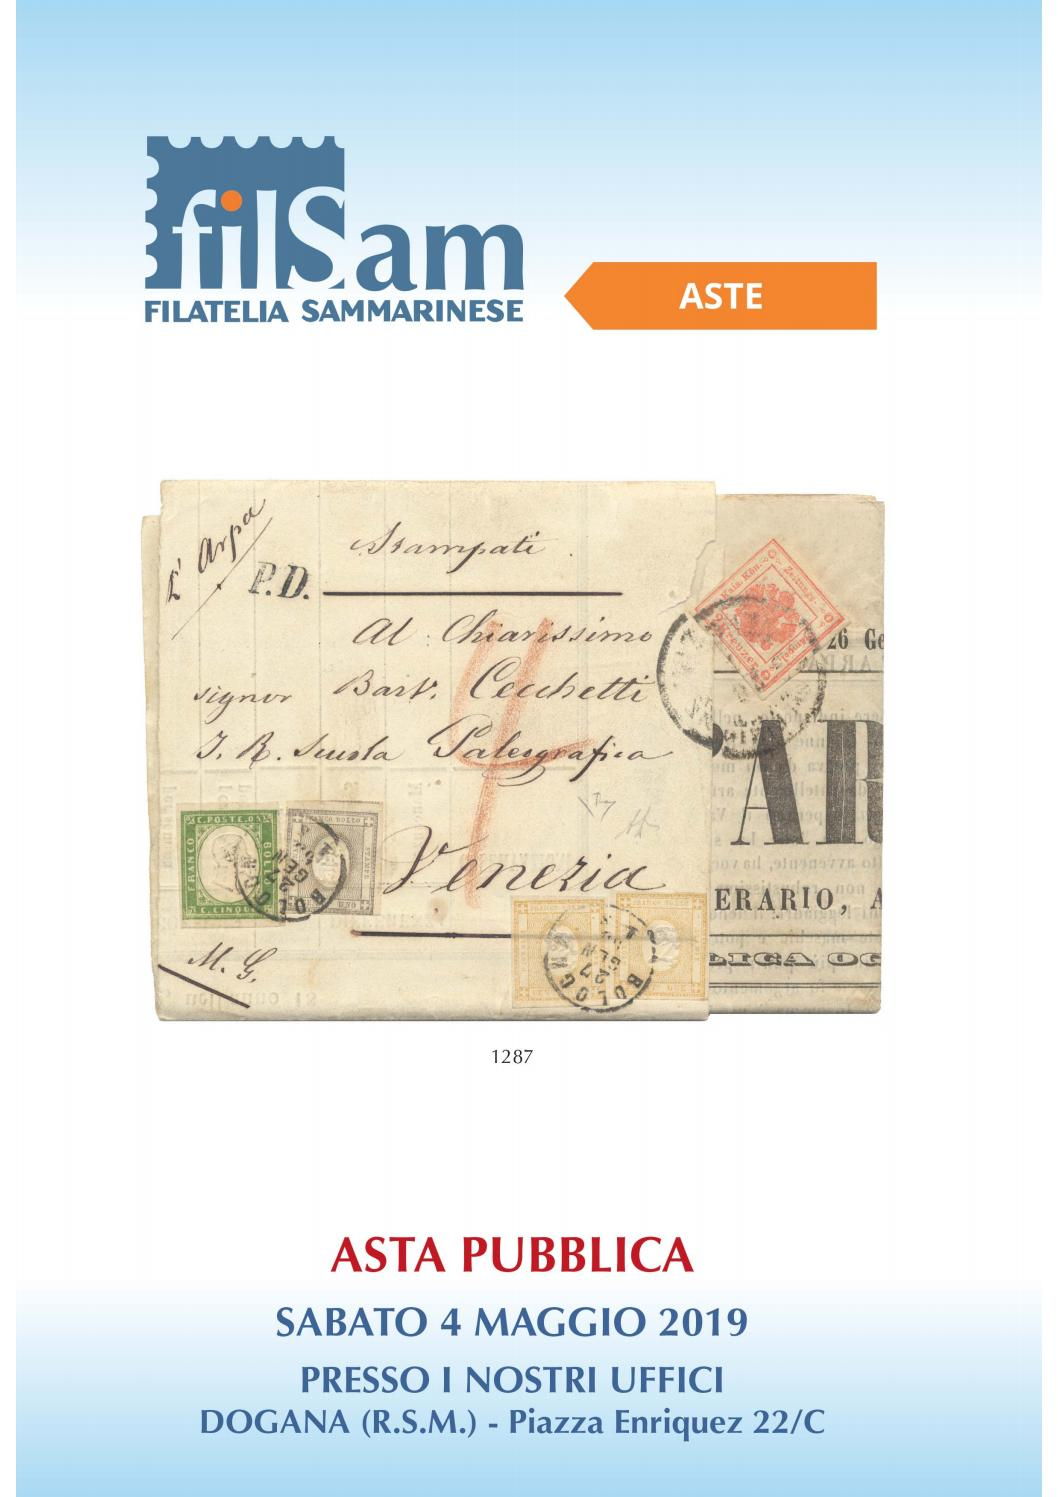 I Sarti Italiani Montelepre asta pubblica 4 maggio 2019 by filatelia sammarinese s.r.l.